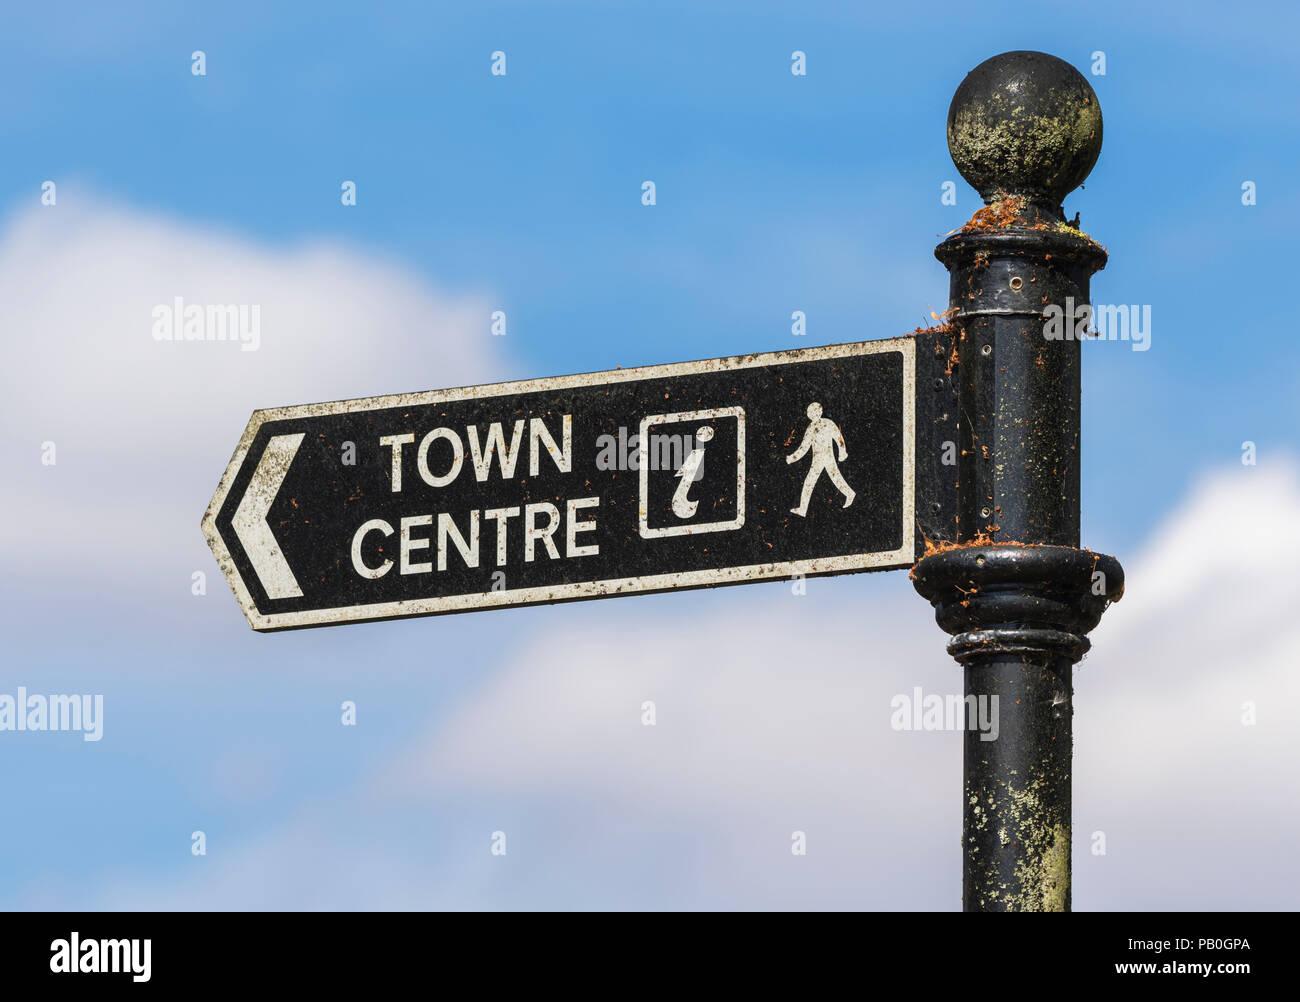 Viejo y sucio, decadente ciudad británica firmar. Inicio de sesión en el centro de la ciudad, Inglaterra, Reino Unido. Imagen De Stock